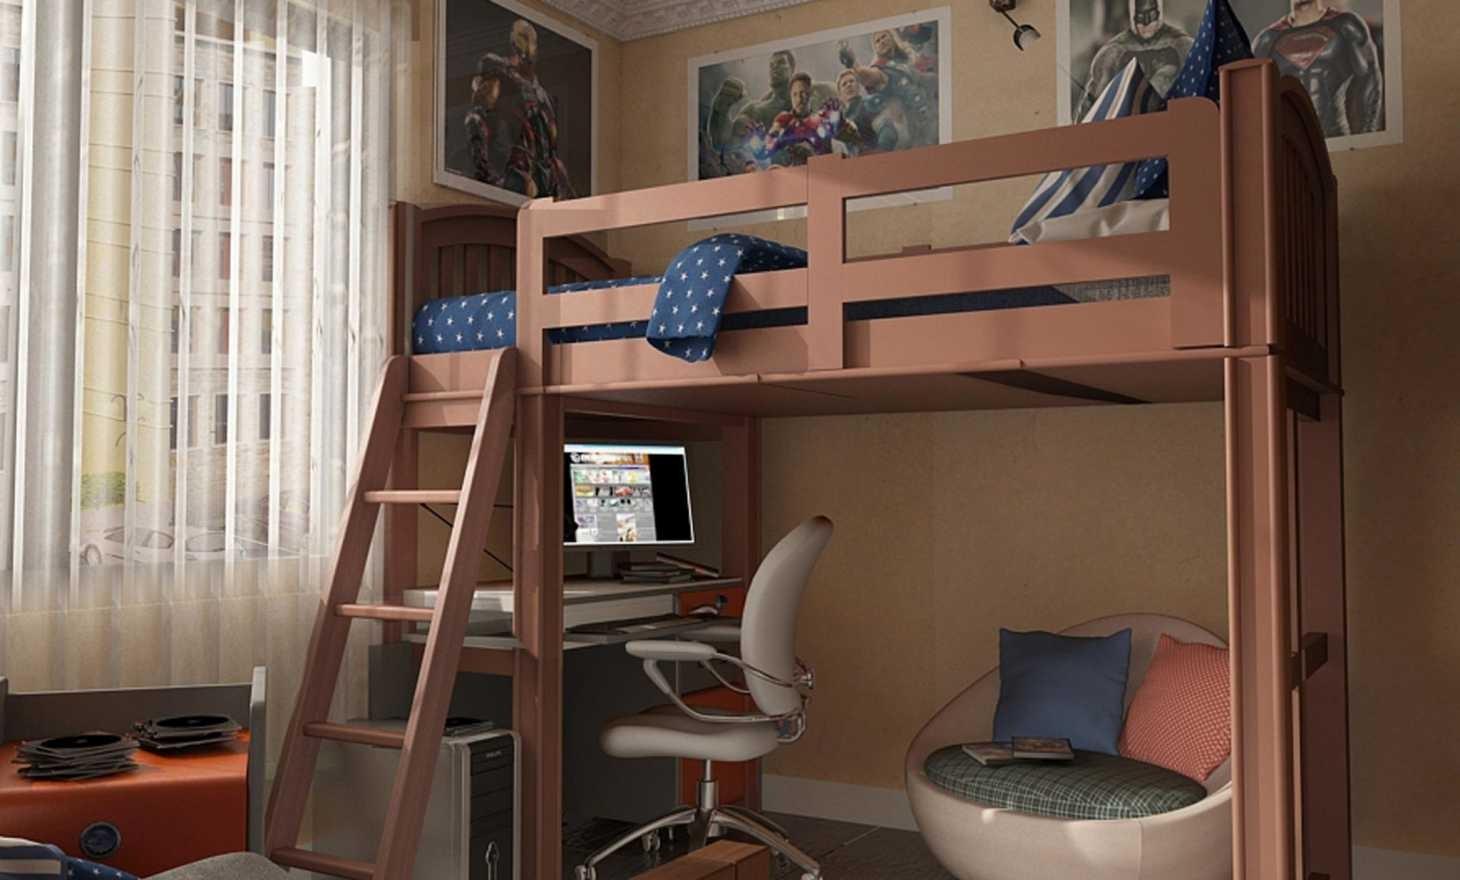 غرف نوم أطفال أولاد باللون البني-غرفة بسرير مرتفع